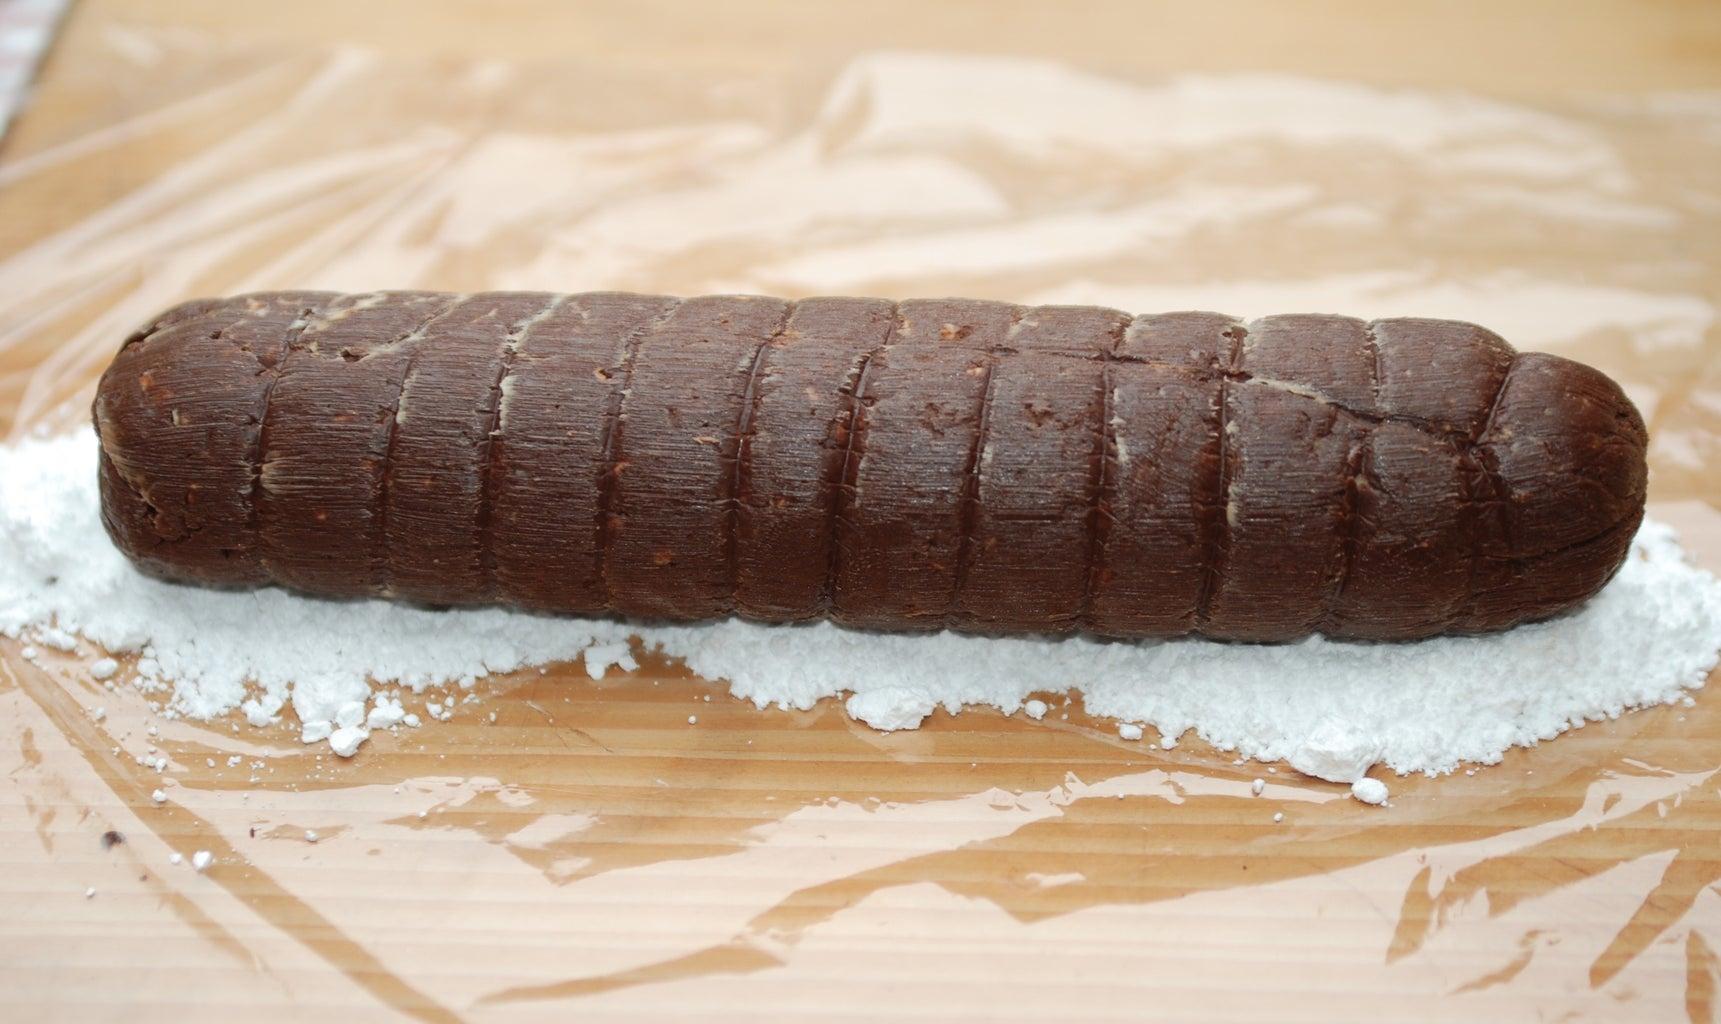 Chocolate Salami - Dressing Up